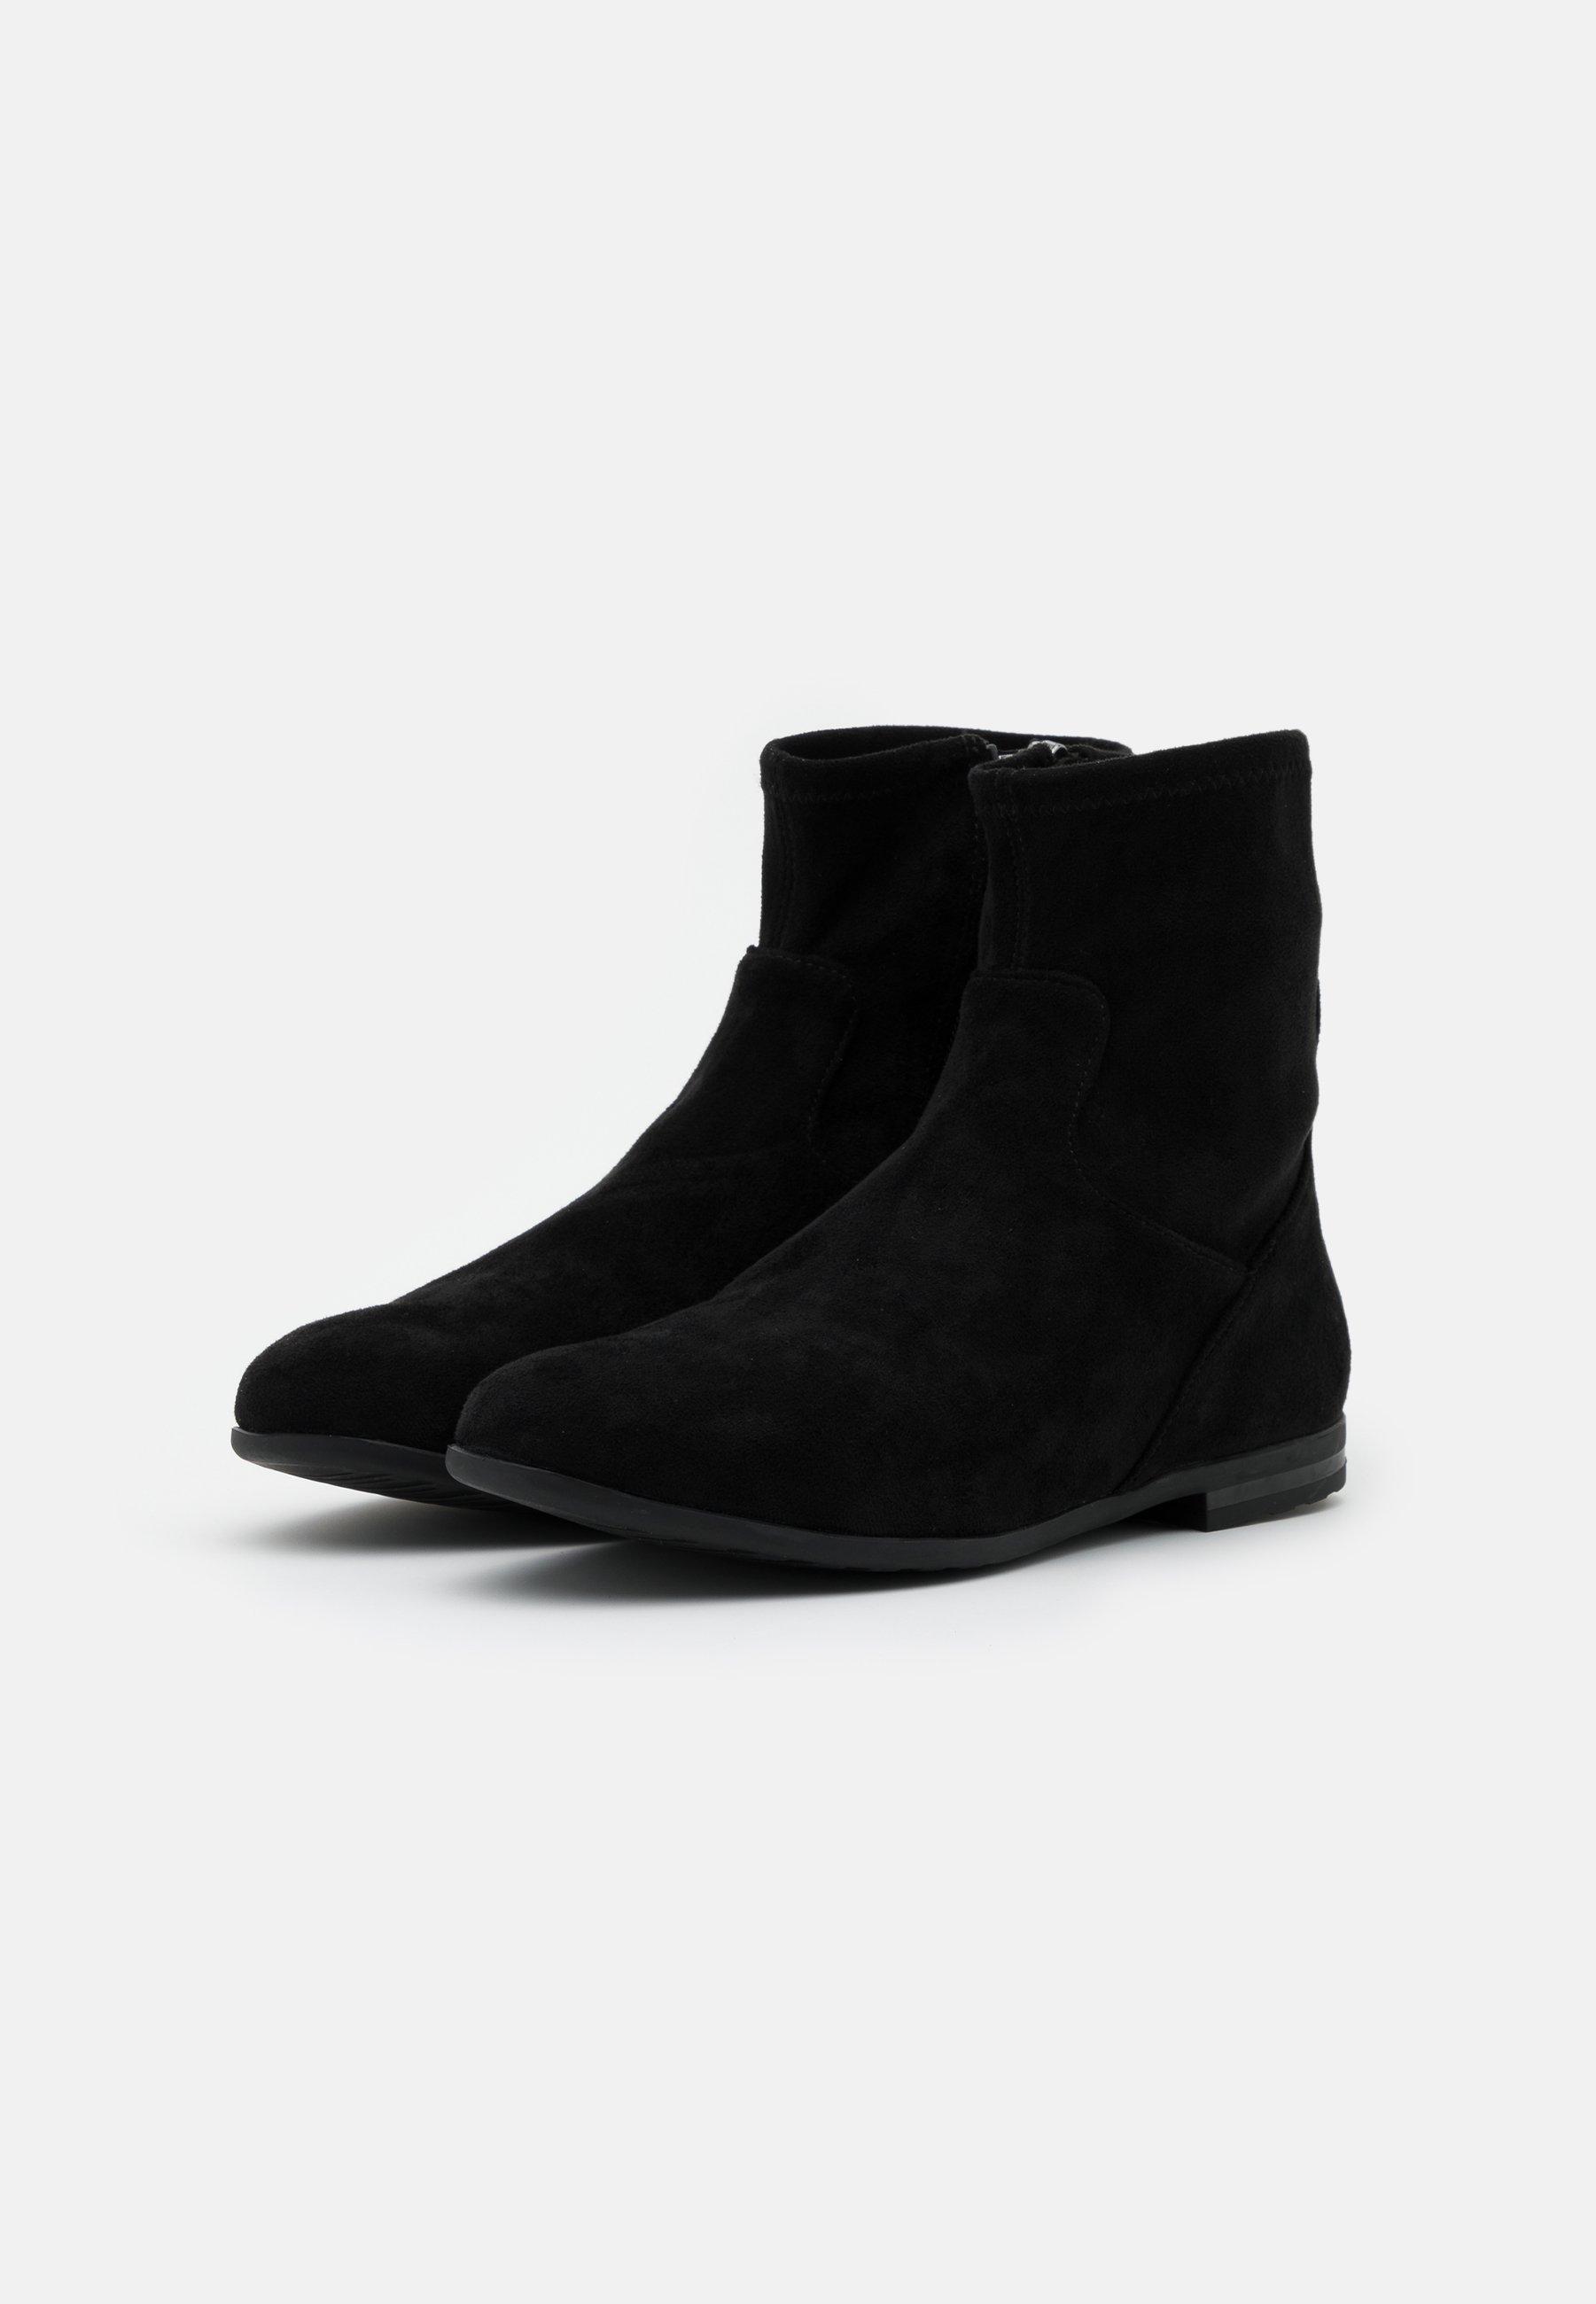 Caprice BOOTS Stiefelette black/schwarz